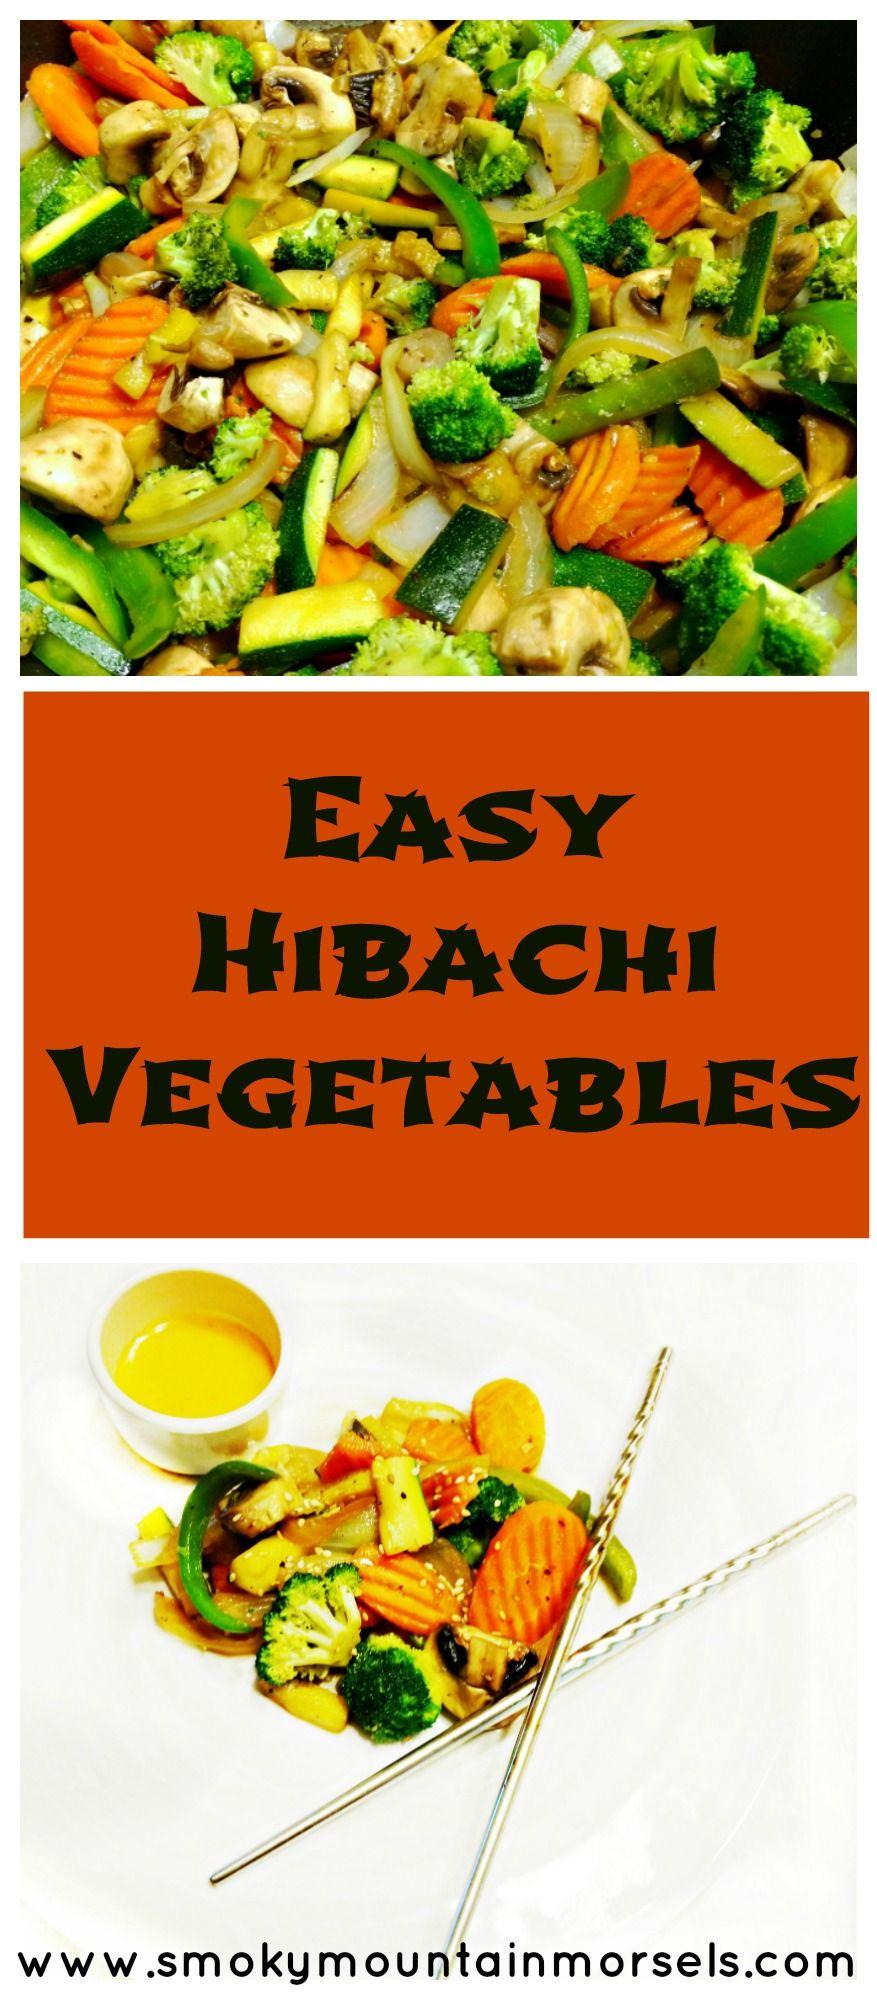 Easy Hibachi Vegetables Recipe Food Recipes Hibachi Recipes Food